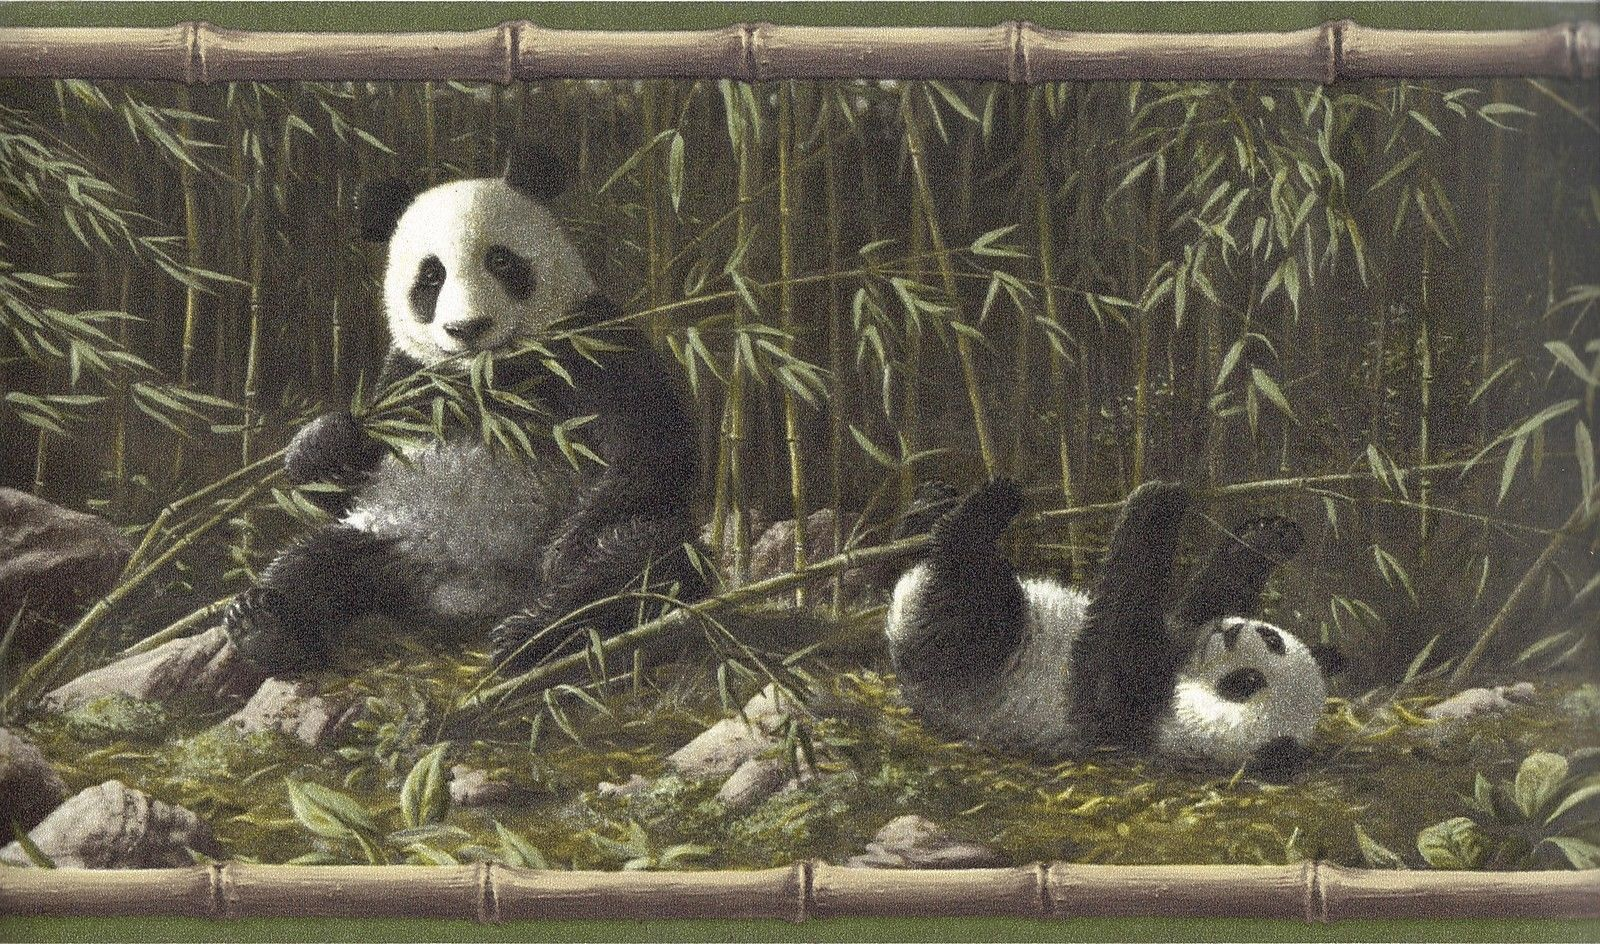 Panda bears bamboo jungle Hautman Brothers wallpaper border green 1600x944